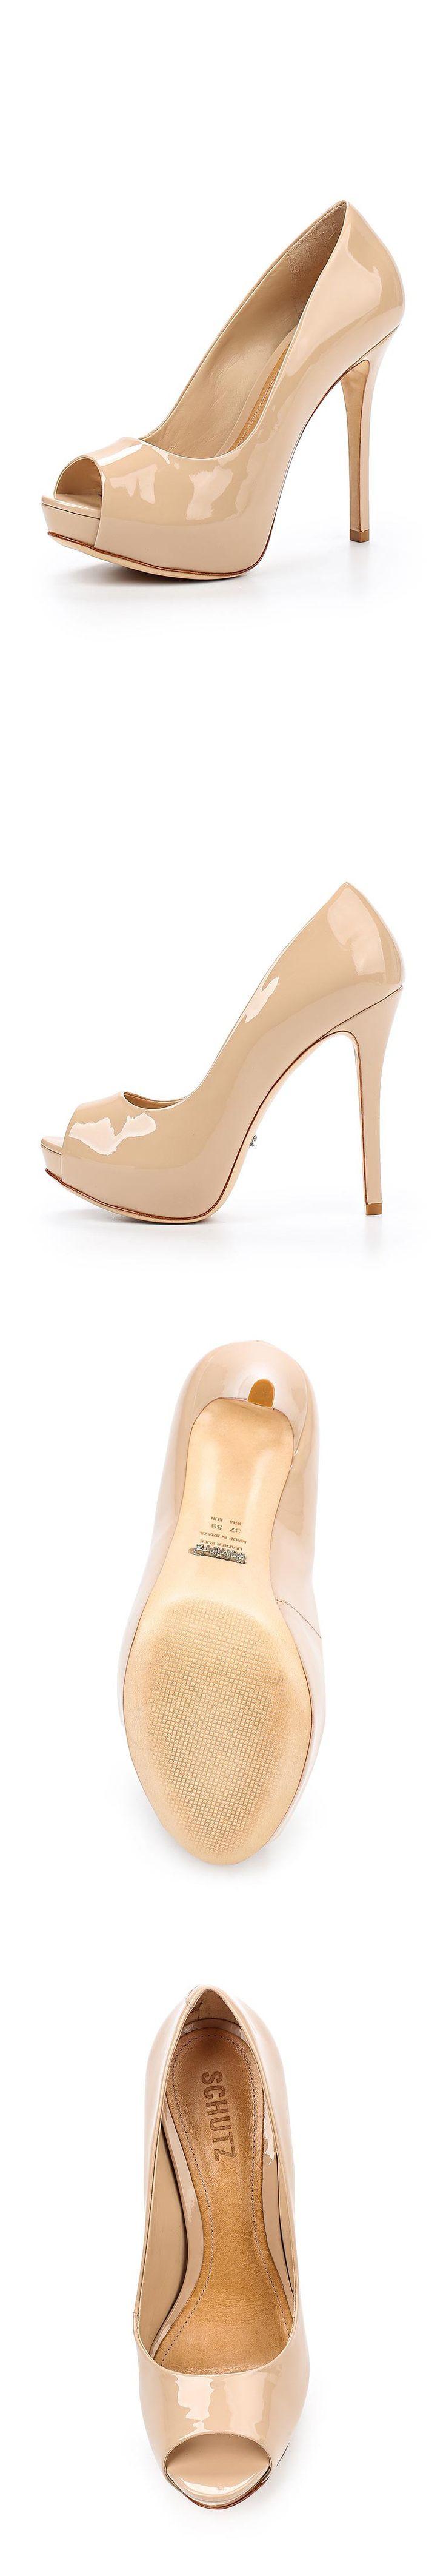 Женская обувь туфли Schutz за 10699.00 руб.